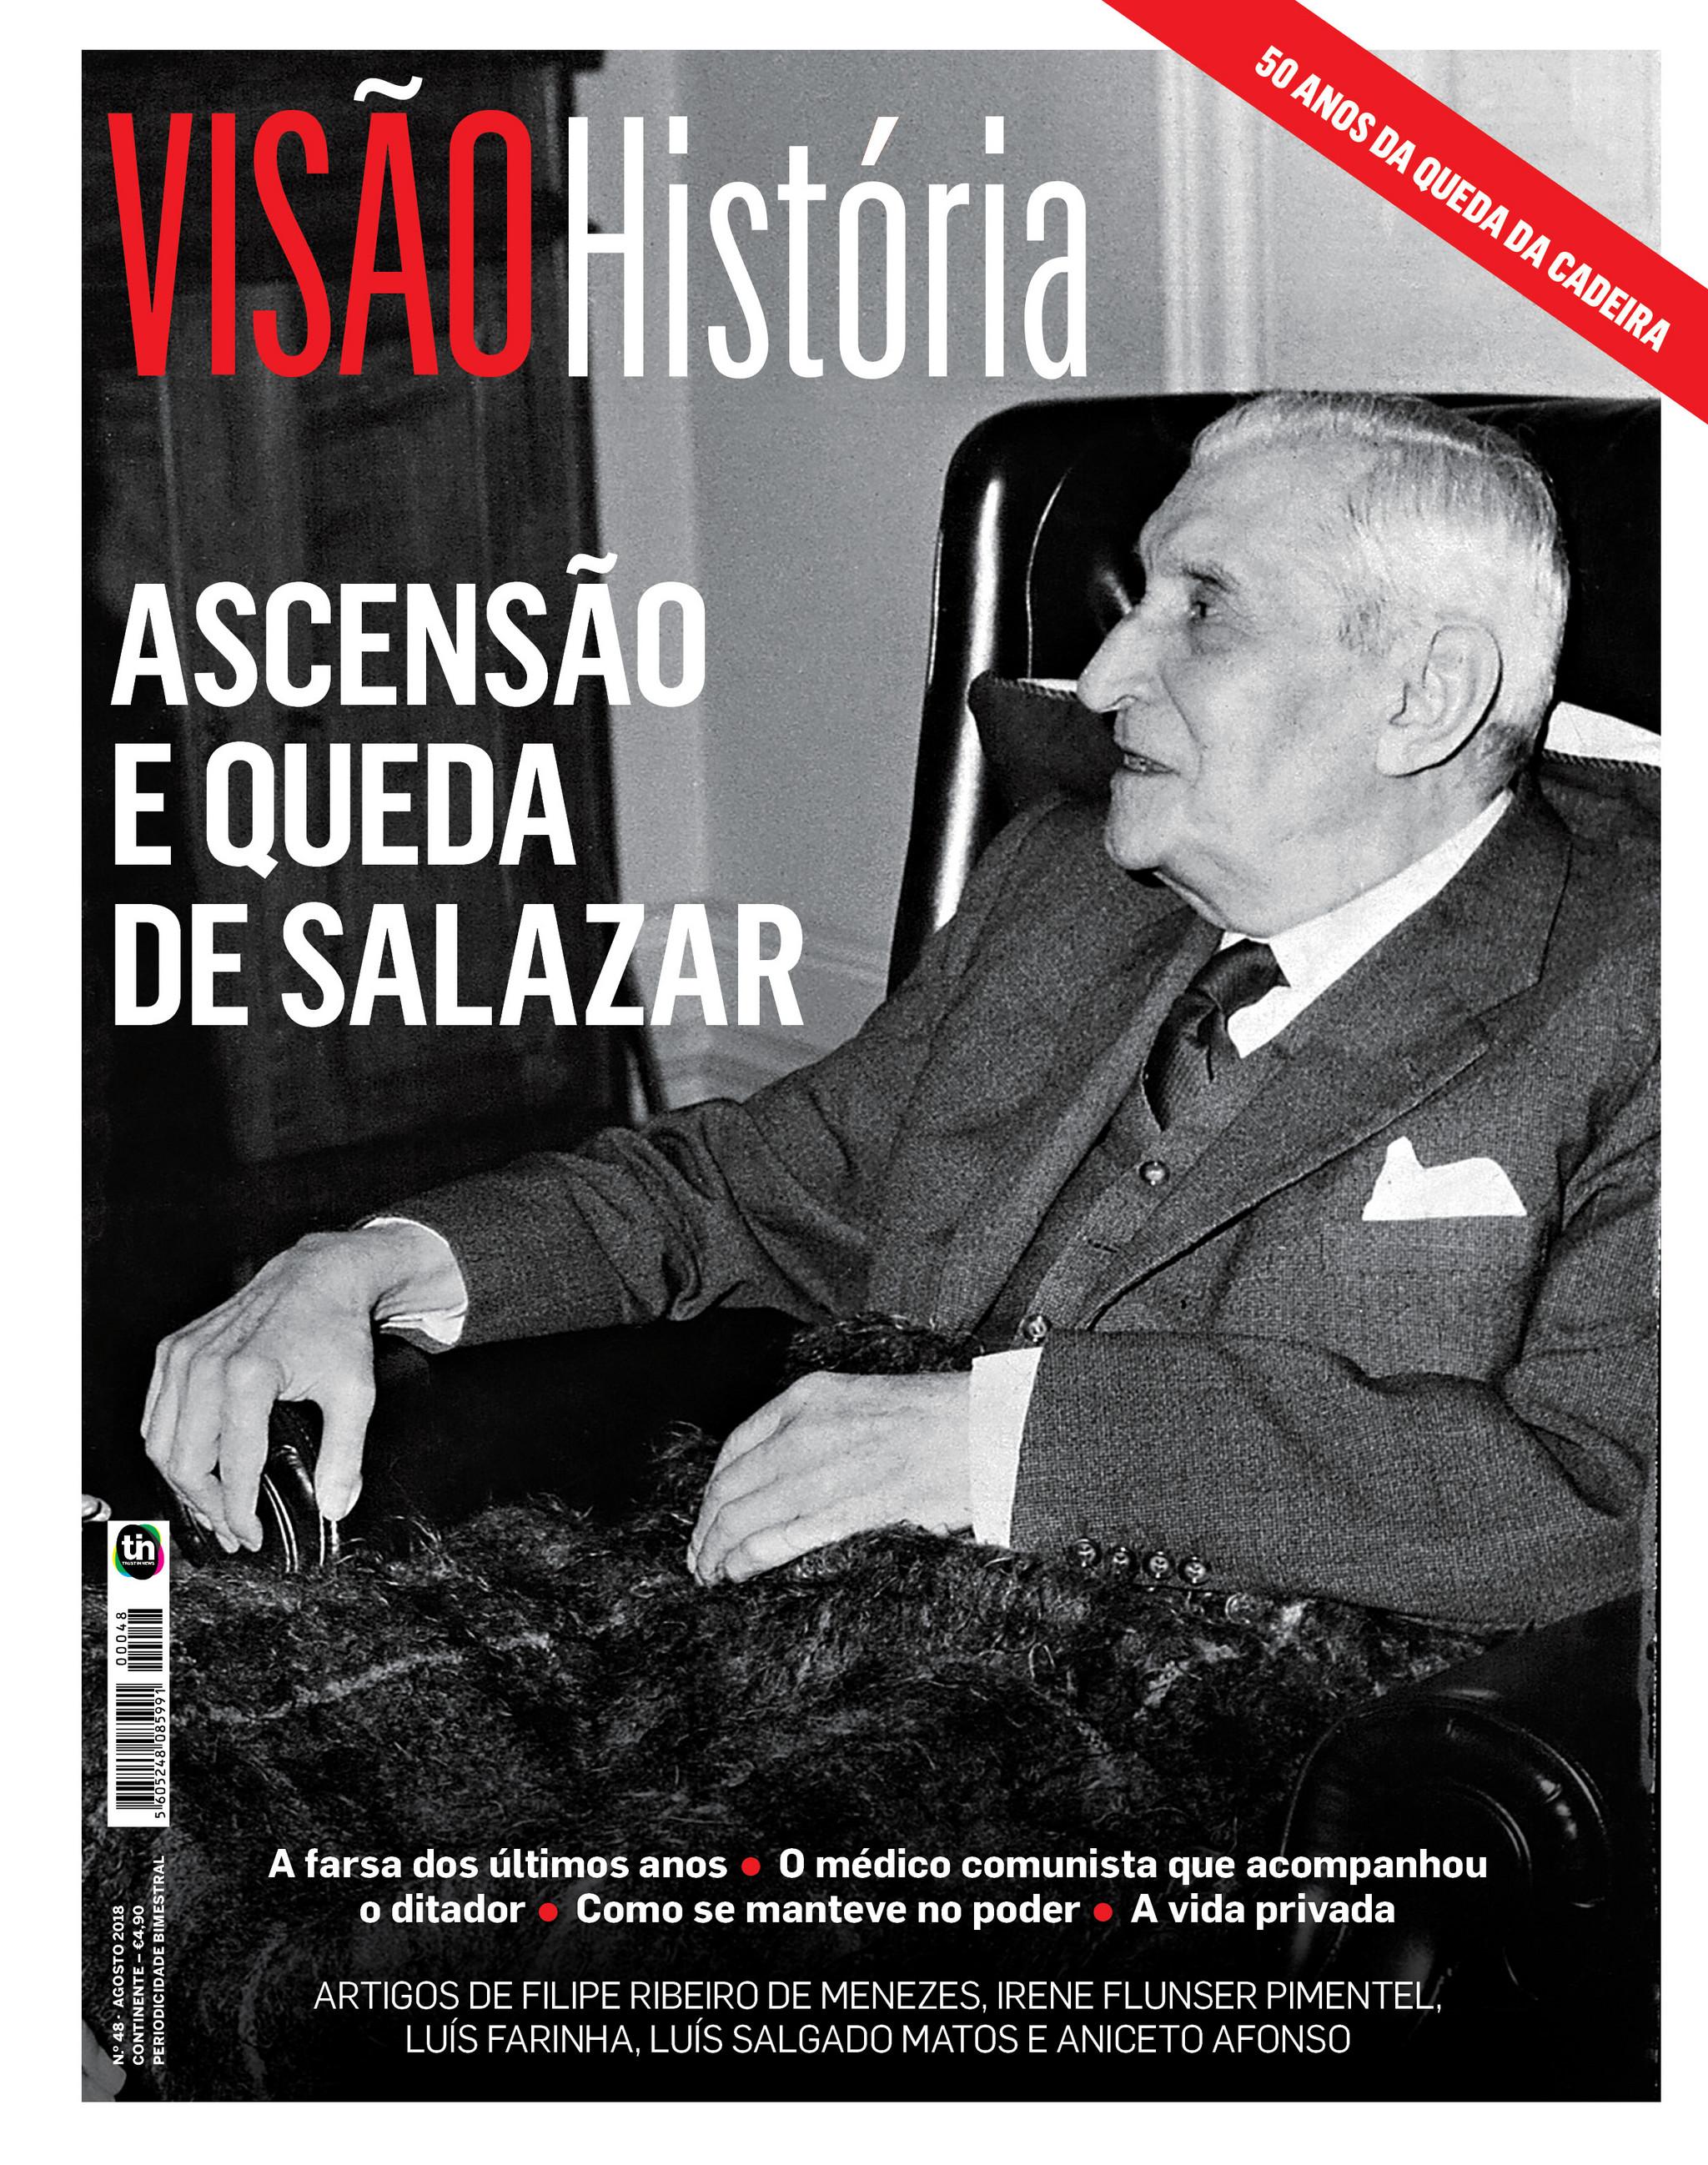 Ascensão e queda de Salazar